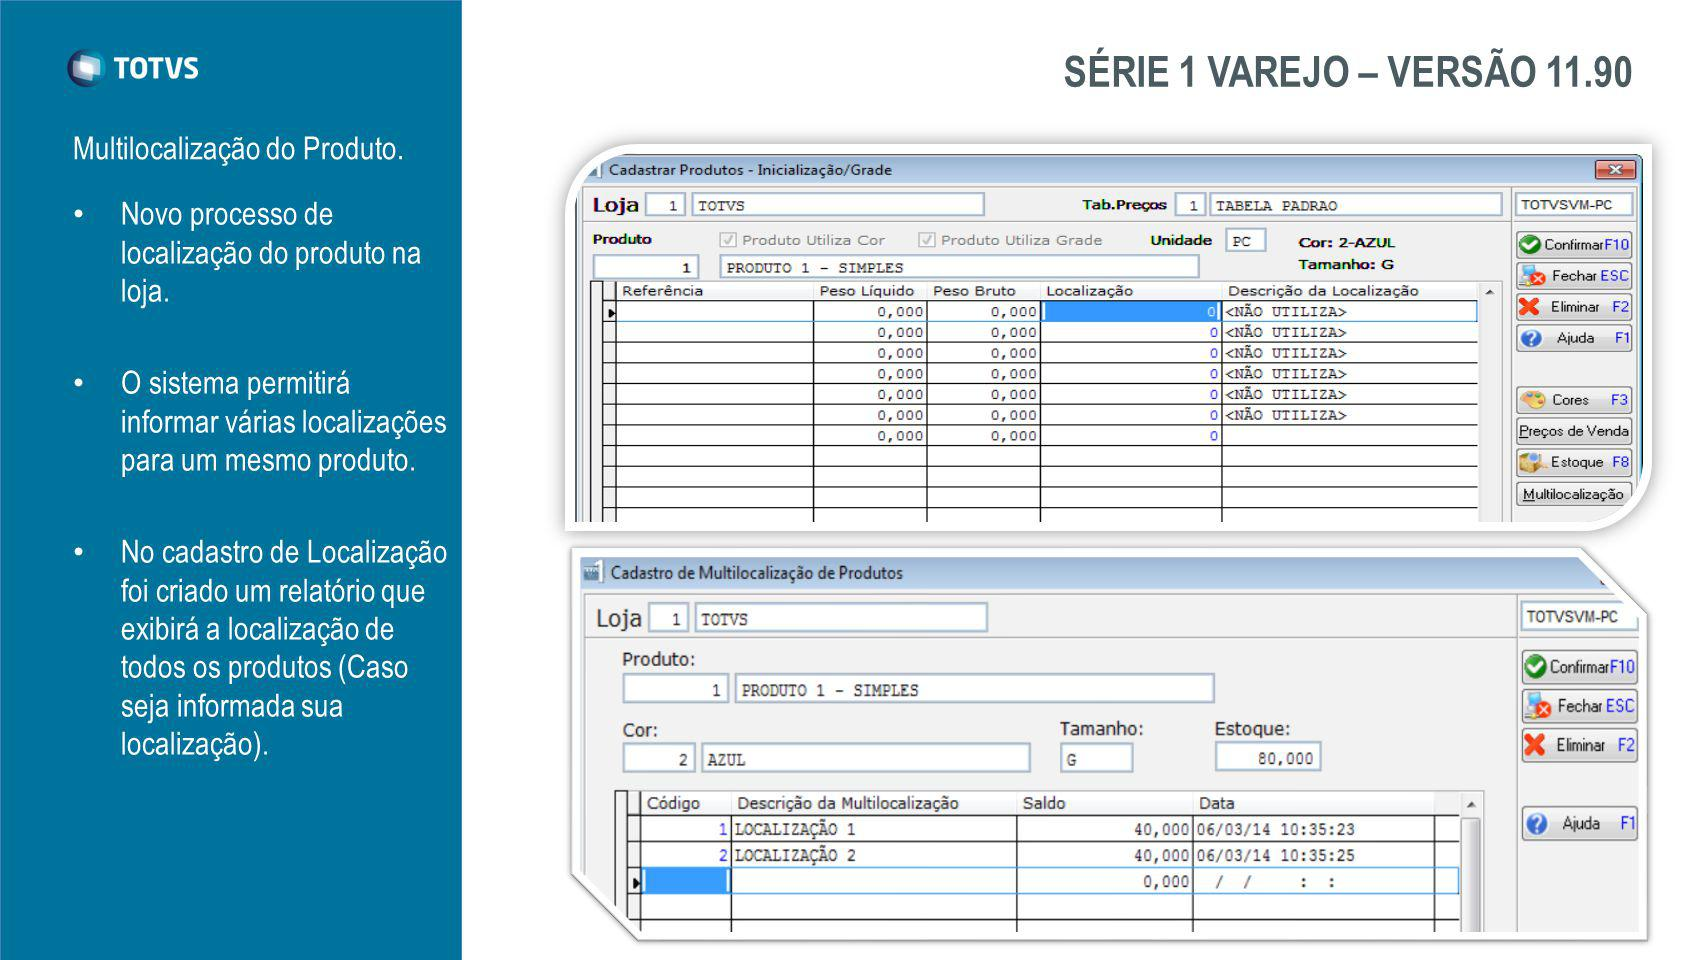 SÉRIE 1 VAREJO – VERSÃO 11.90 Multilocalização do Produto.